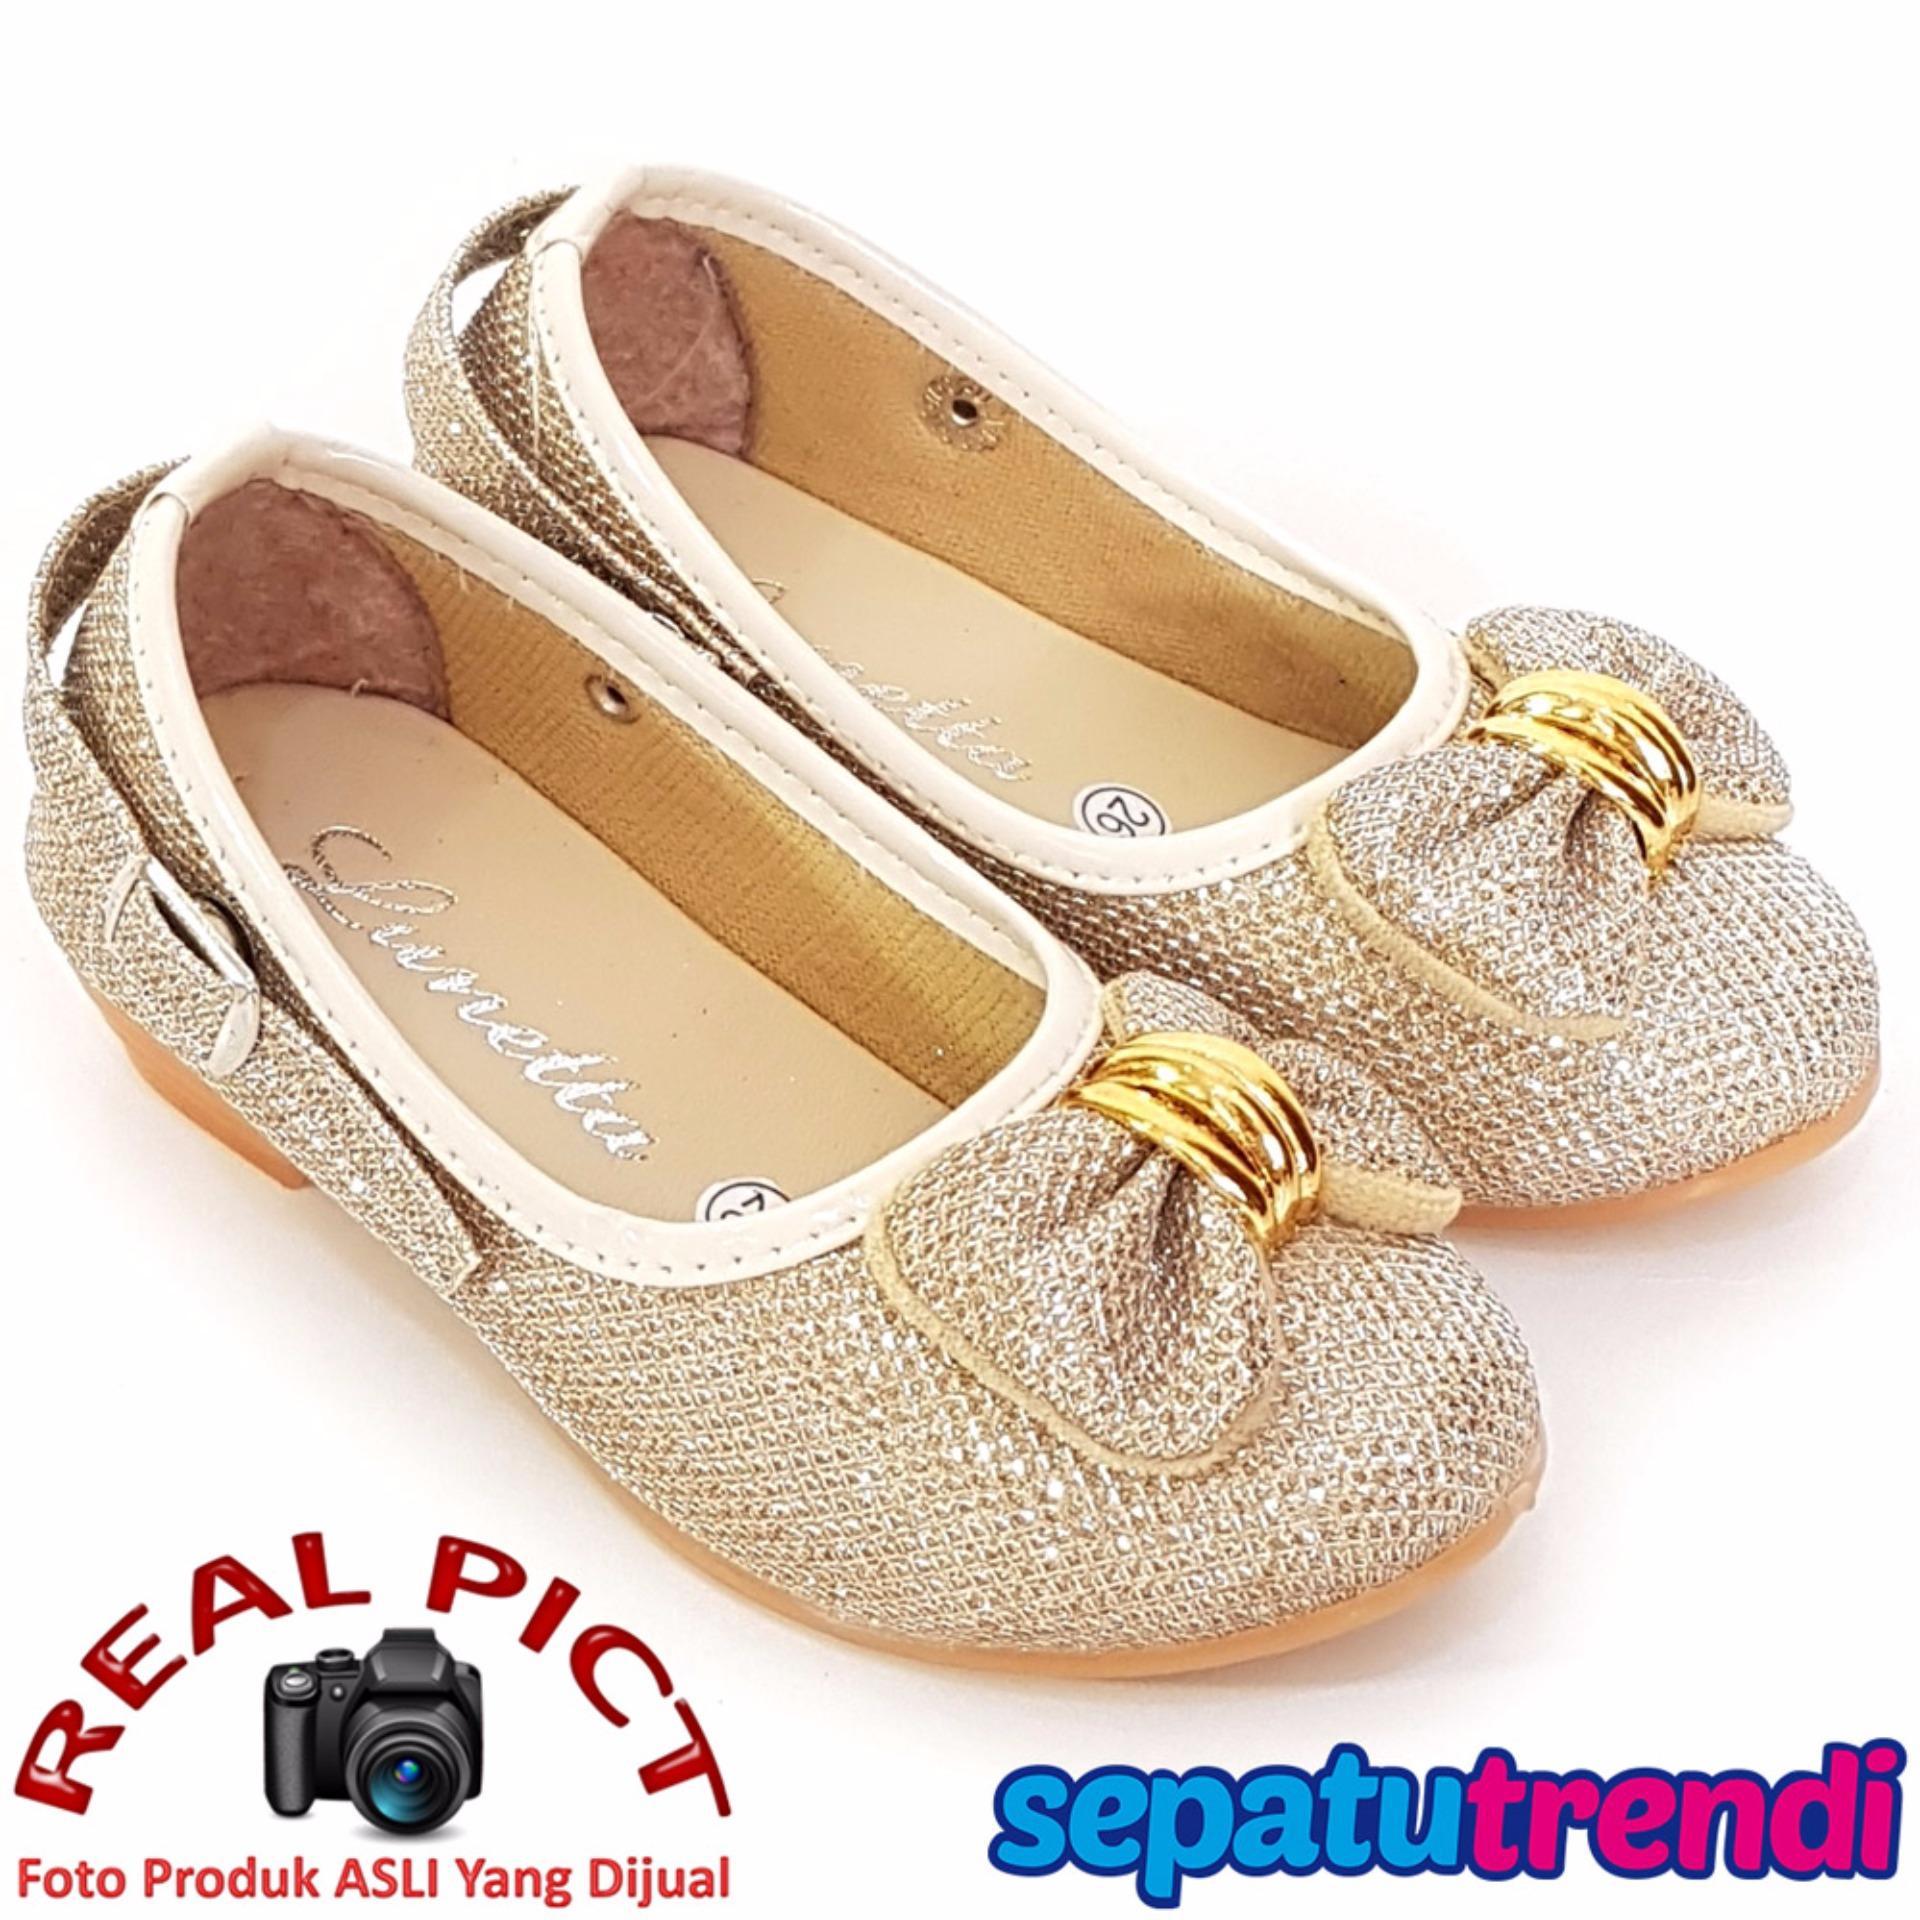 Trendishoes Sepatu Boot Anak Laki Star Kid Stardpn Blackbeige Java Seven  Adrian Amu 010 Boots Beige faeb26b43b